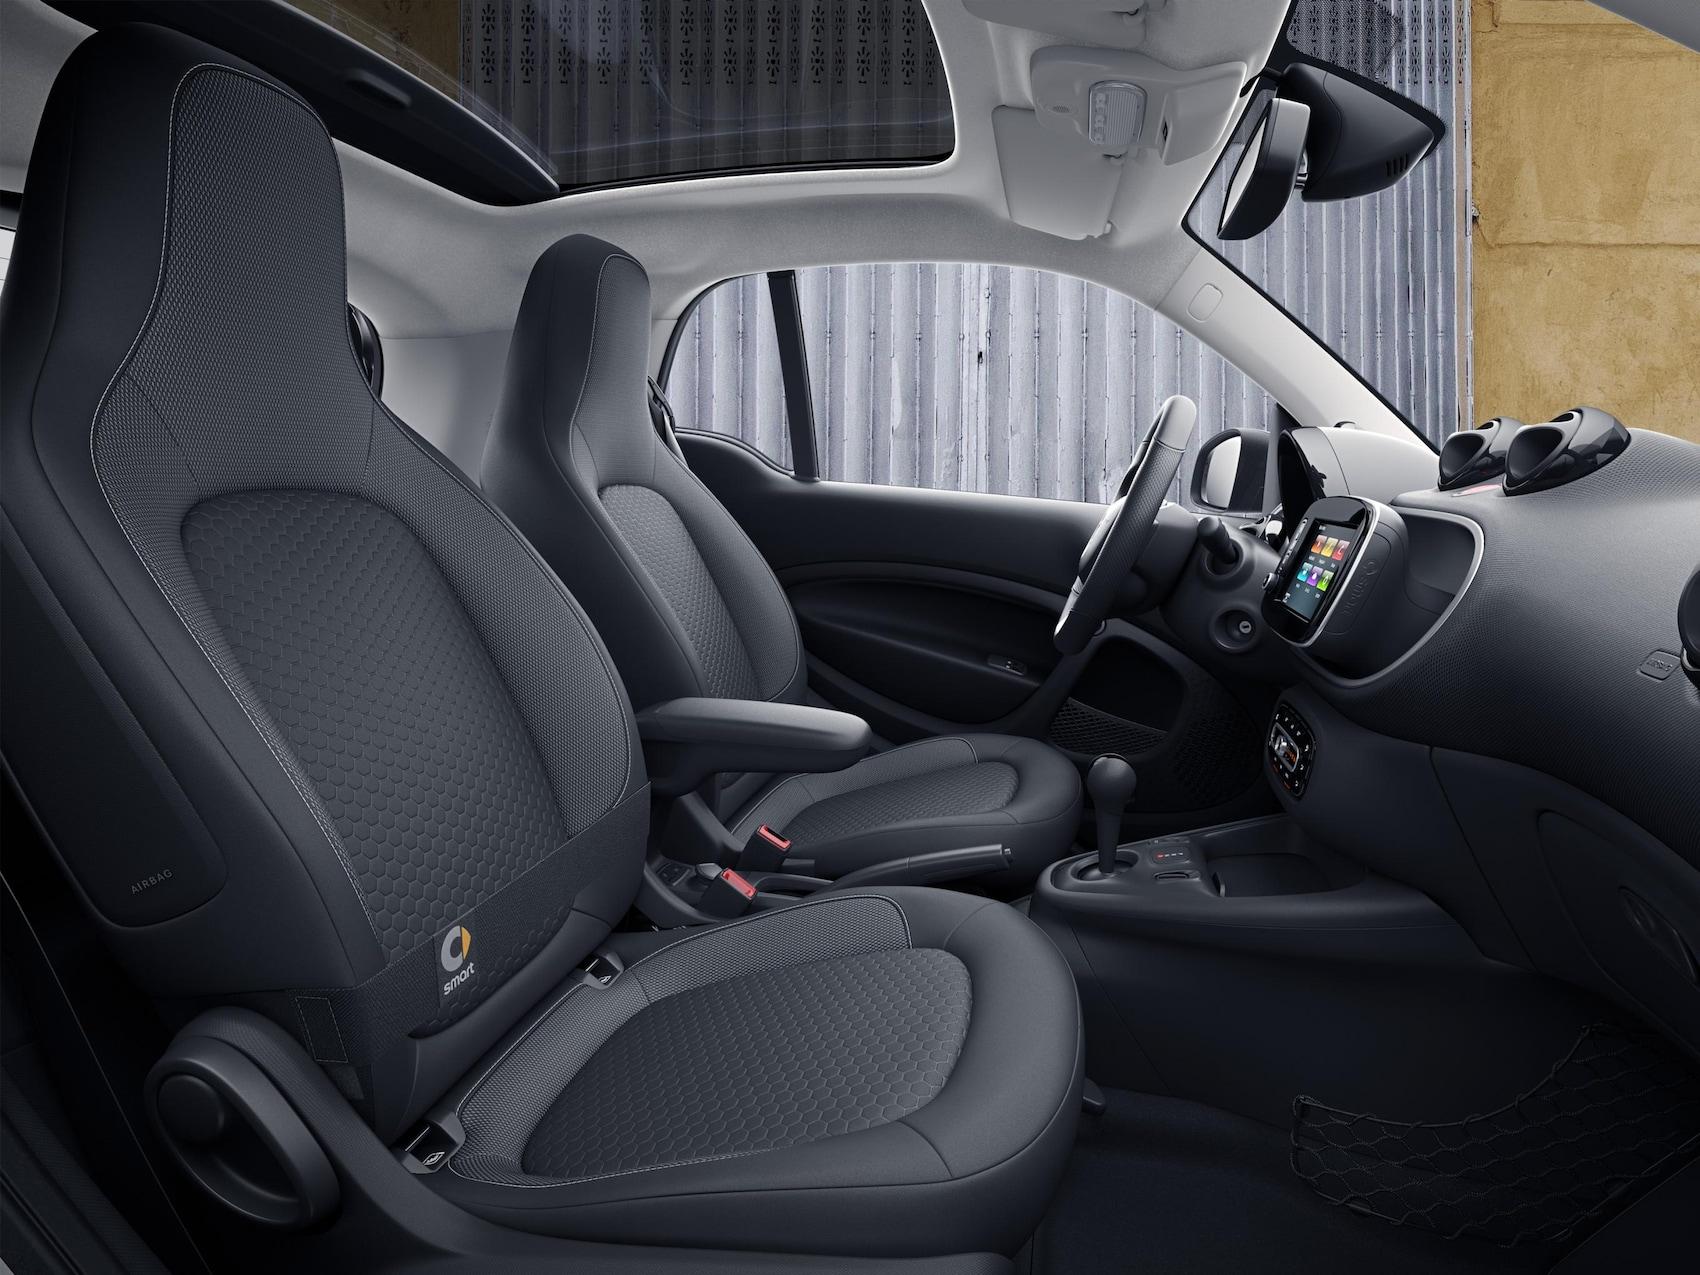 Le nouveau design des sièges de la smart EQ forfour.